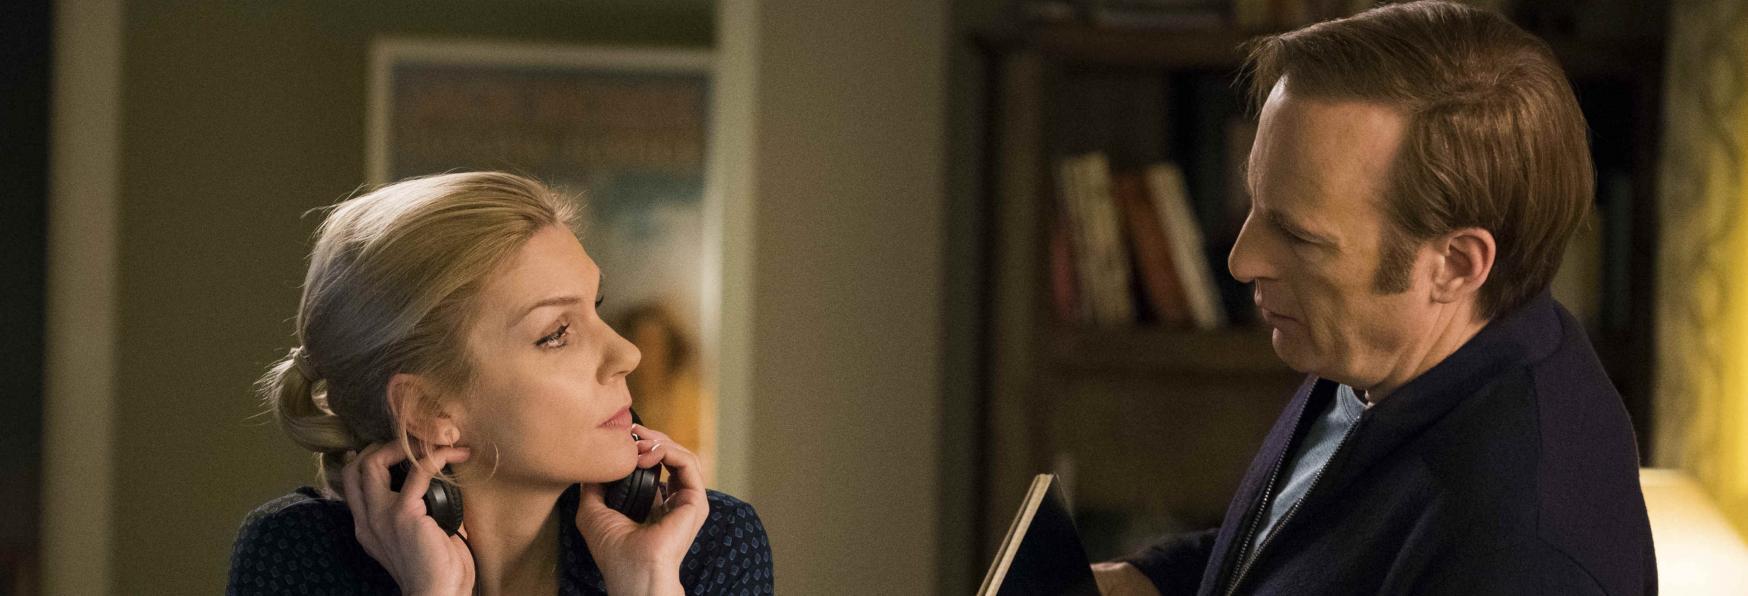 Better Call Saul 6: Qual è il Destino di Kim Wexler nell'Ultima Stagione della Serie TV Spin-off?